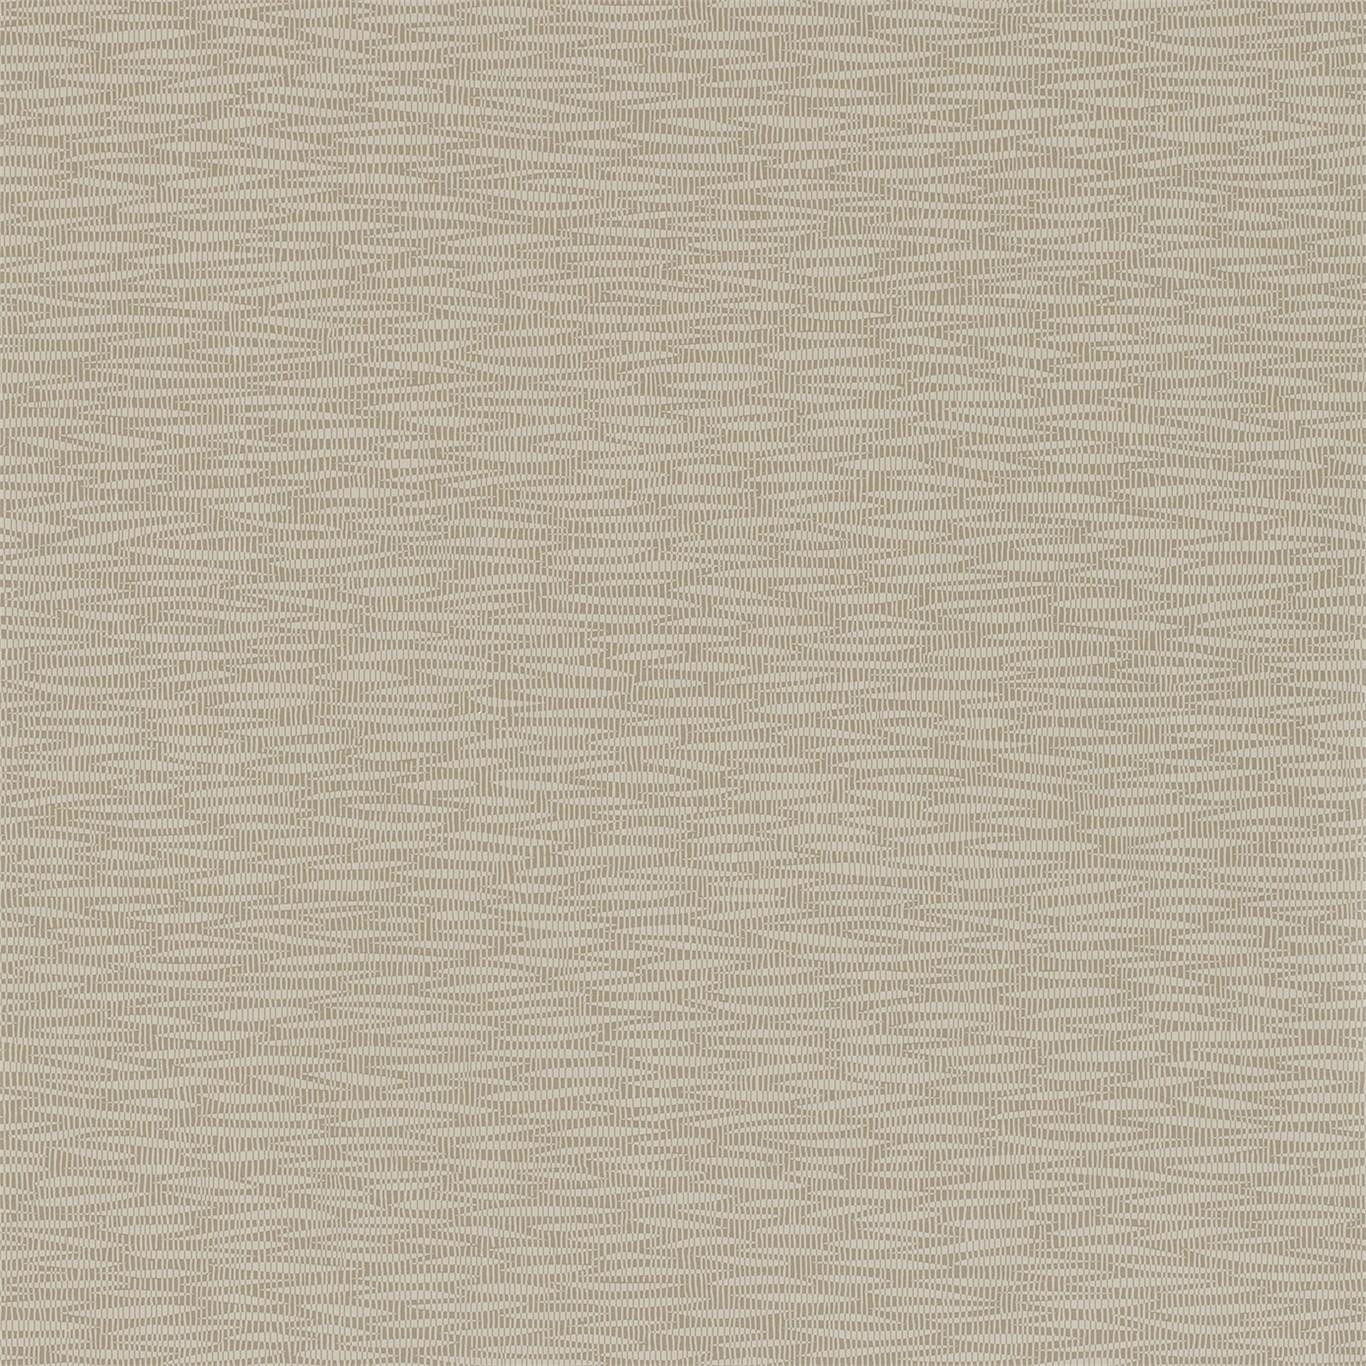 Английские обои Harlequin,  коллекция Anthology 01, артикулEREE110802